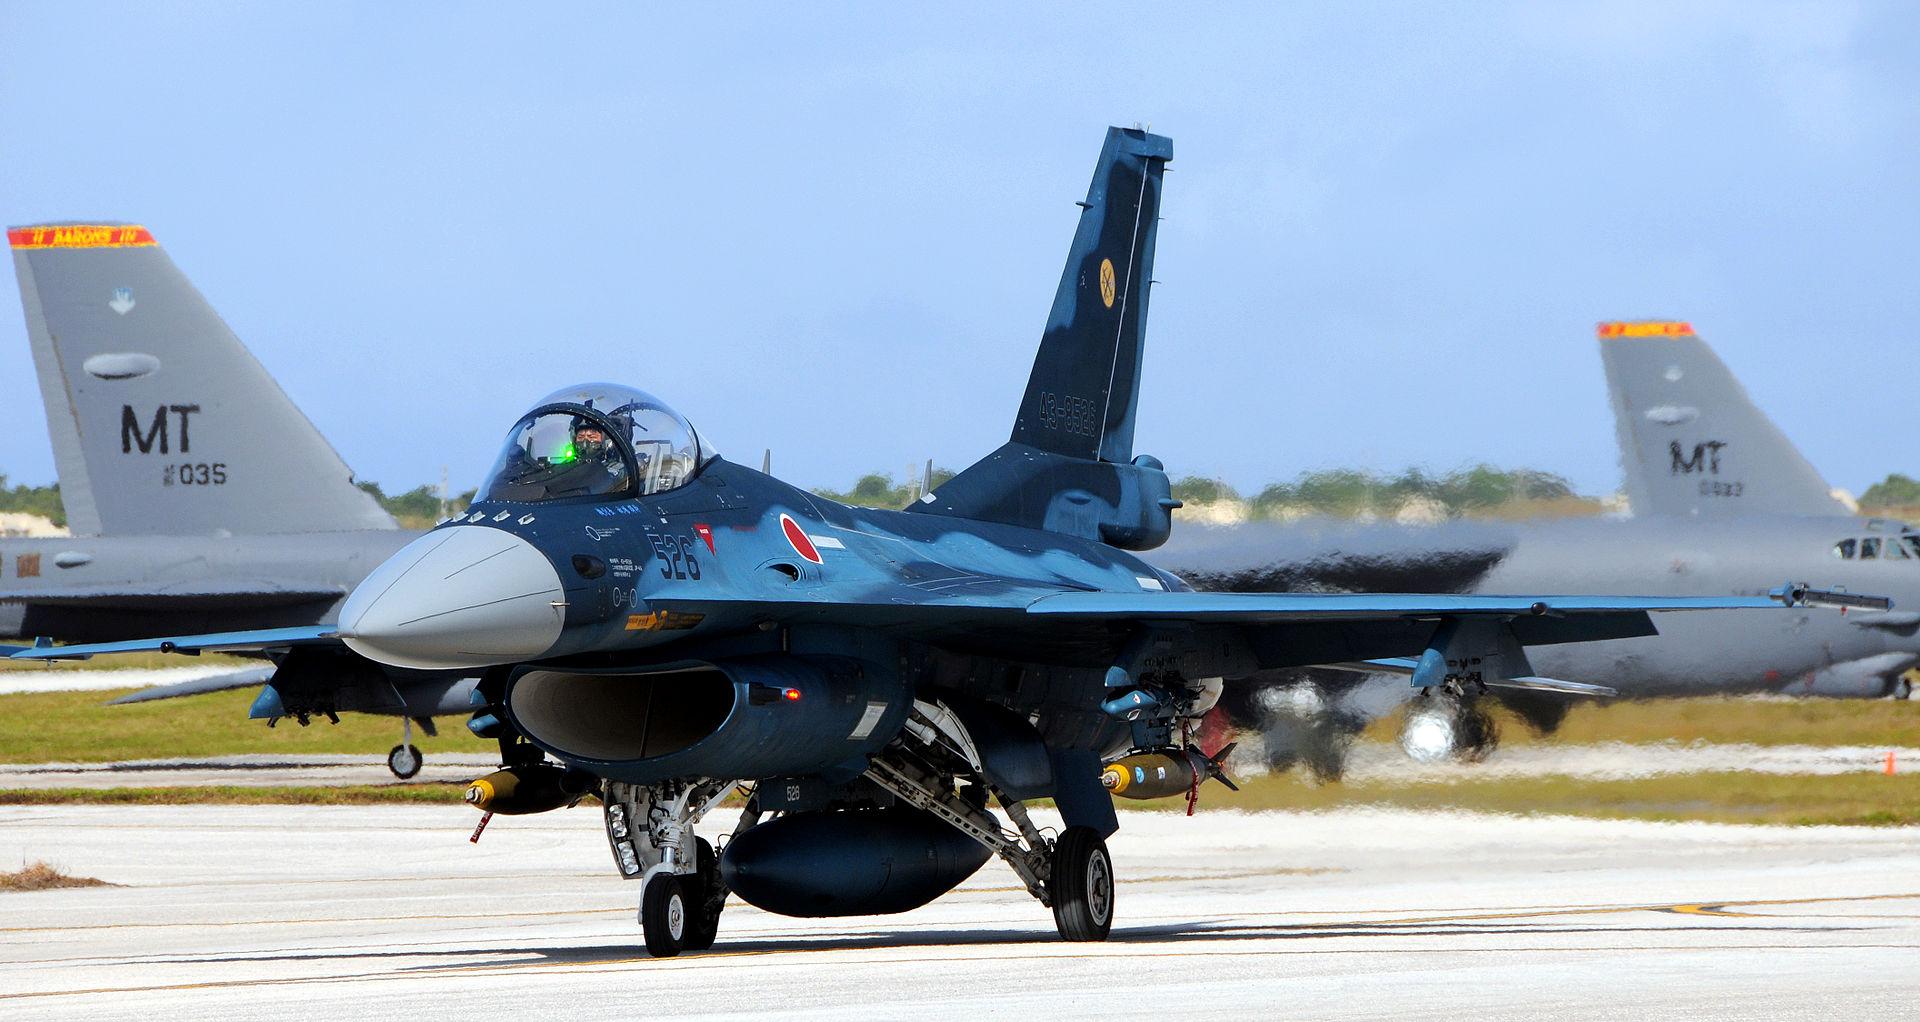 اليابان تخطط لبيع مقاتلاتها القديمه نوع F-15 الى الولايات المتحده  - صفحة 2 1920px-F-2A_%28526%29_of_6_Sqn_taxis_at_Andersen_Air_Force_Base%2C_-5_Feb._2009_a